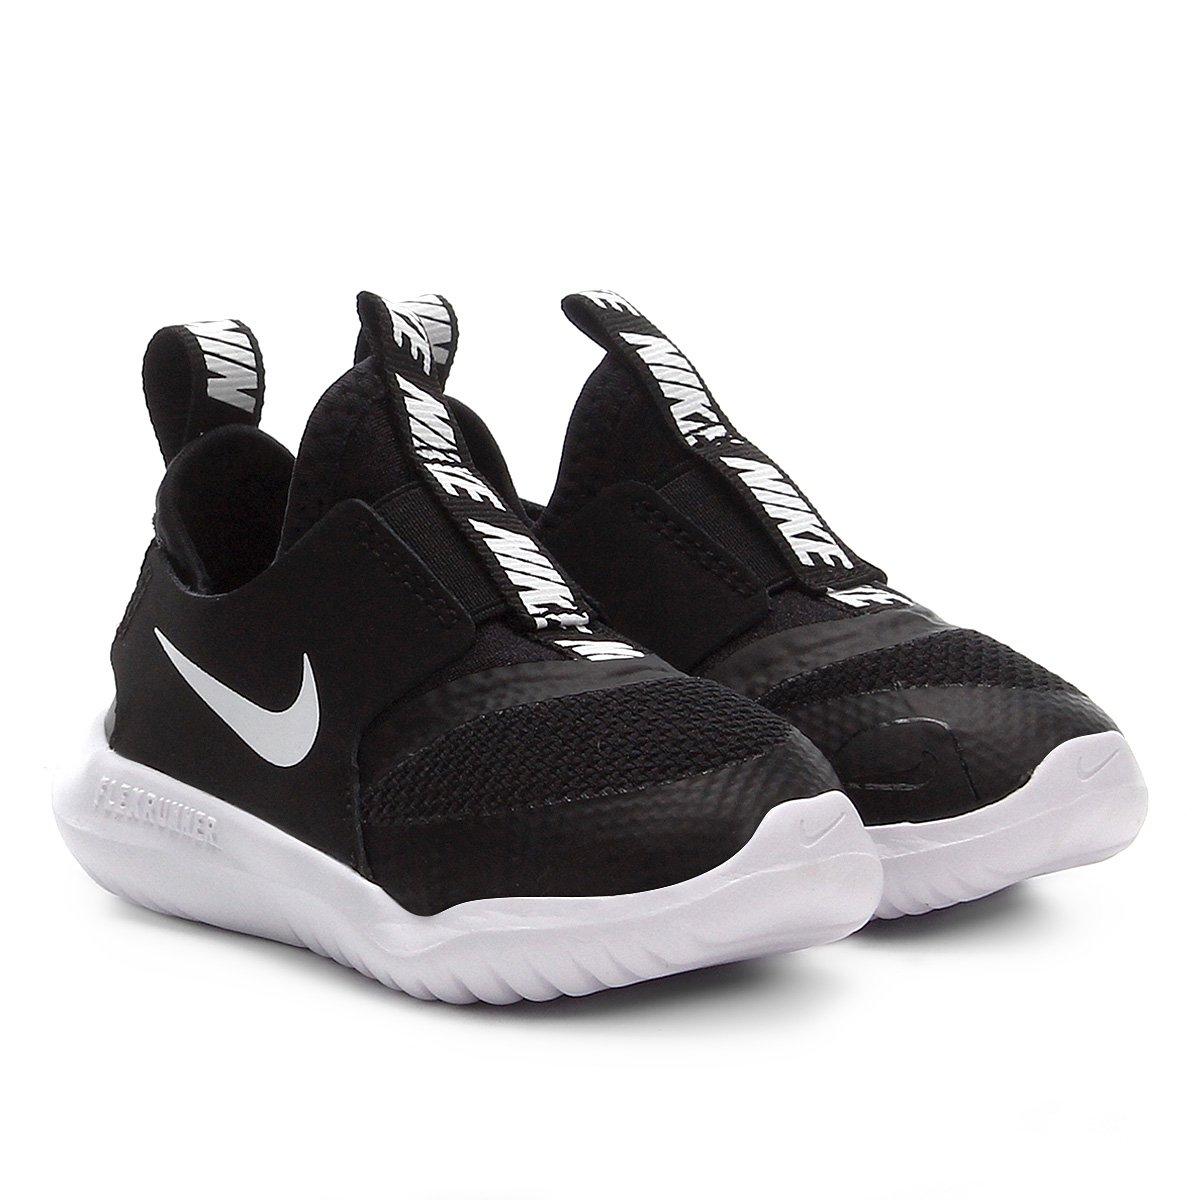 économiser b9393 08fb0 Tênis Infantil Nike Flex Runner TD - Preto e Branco